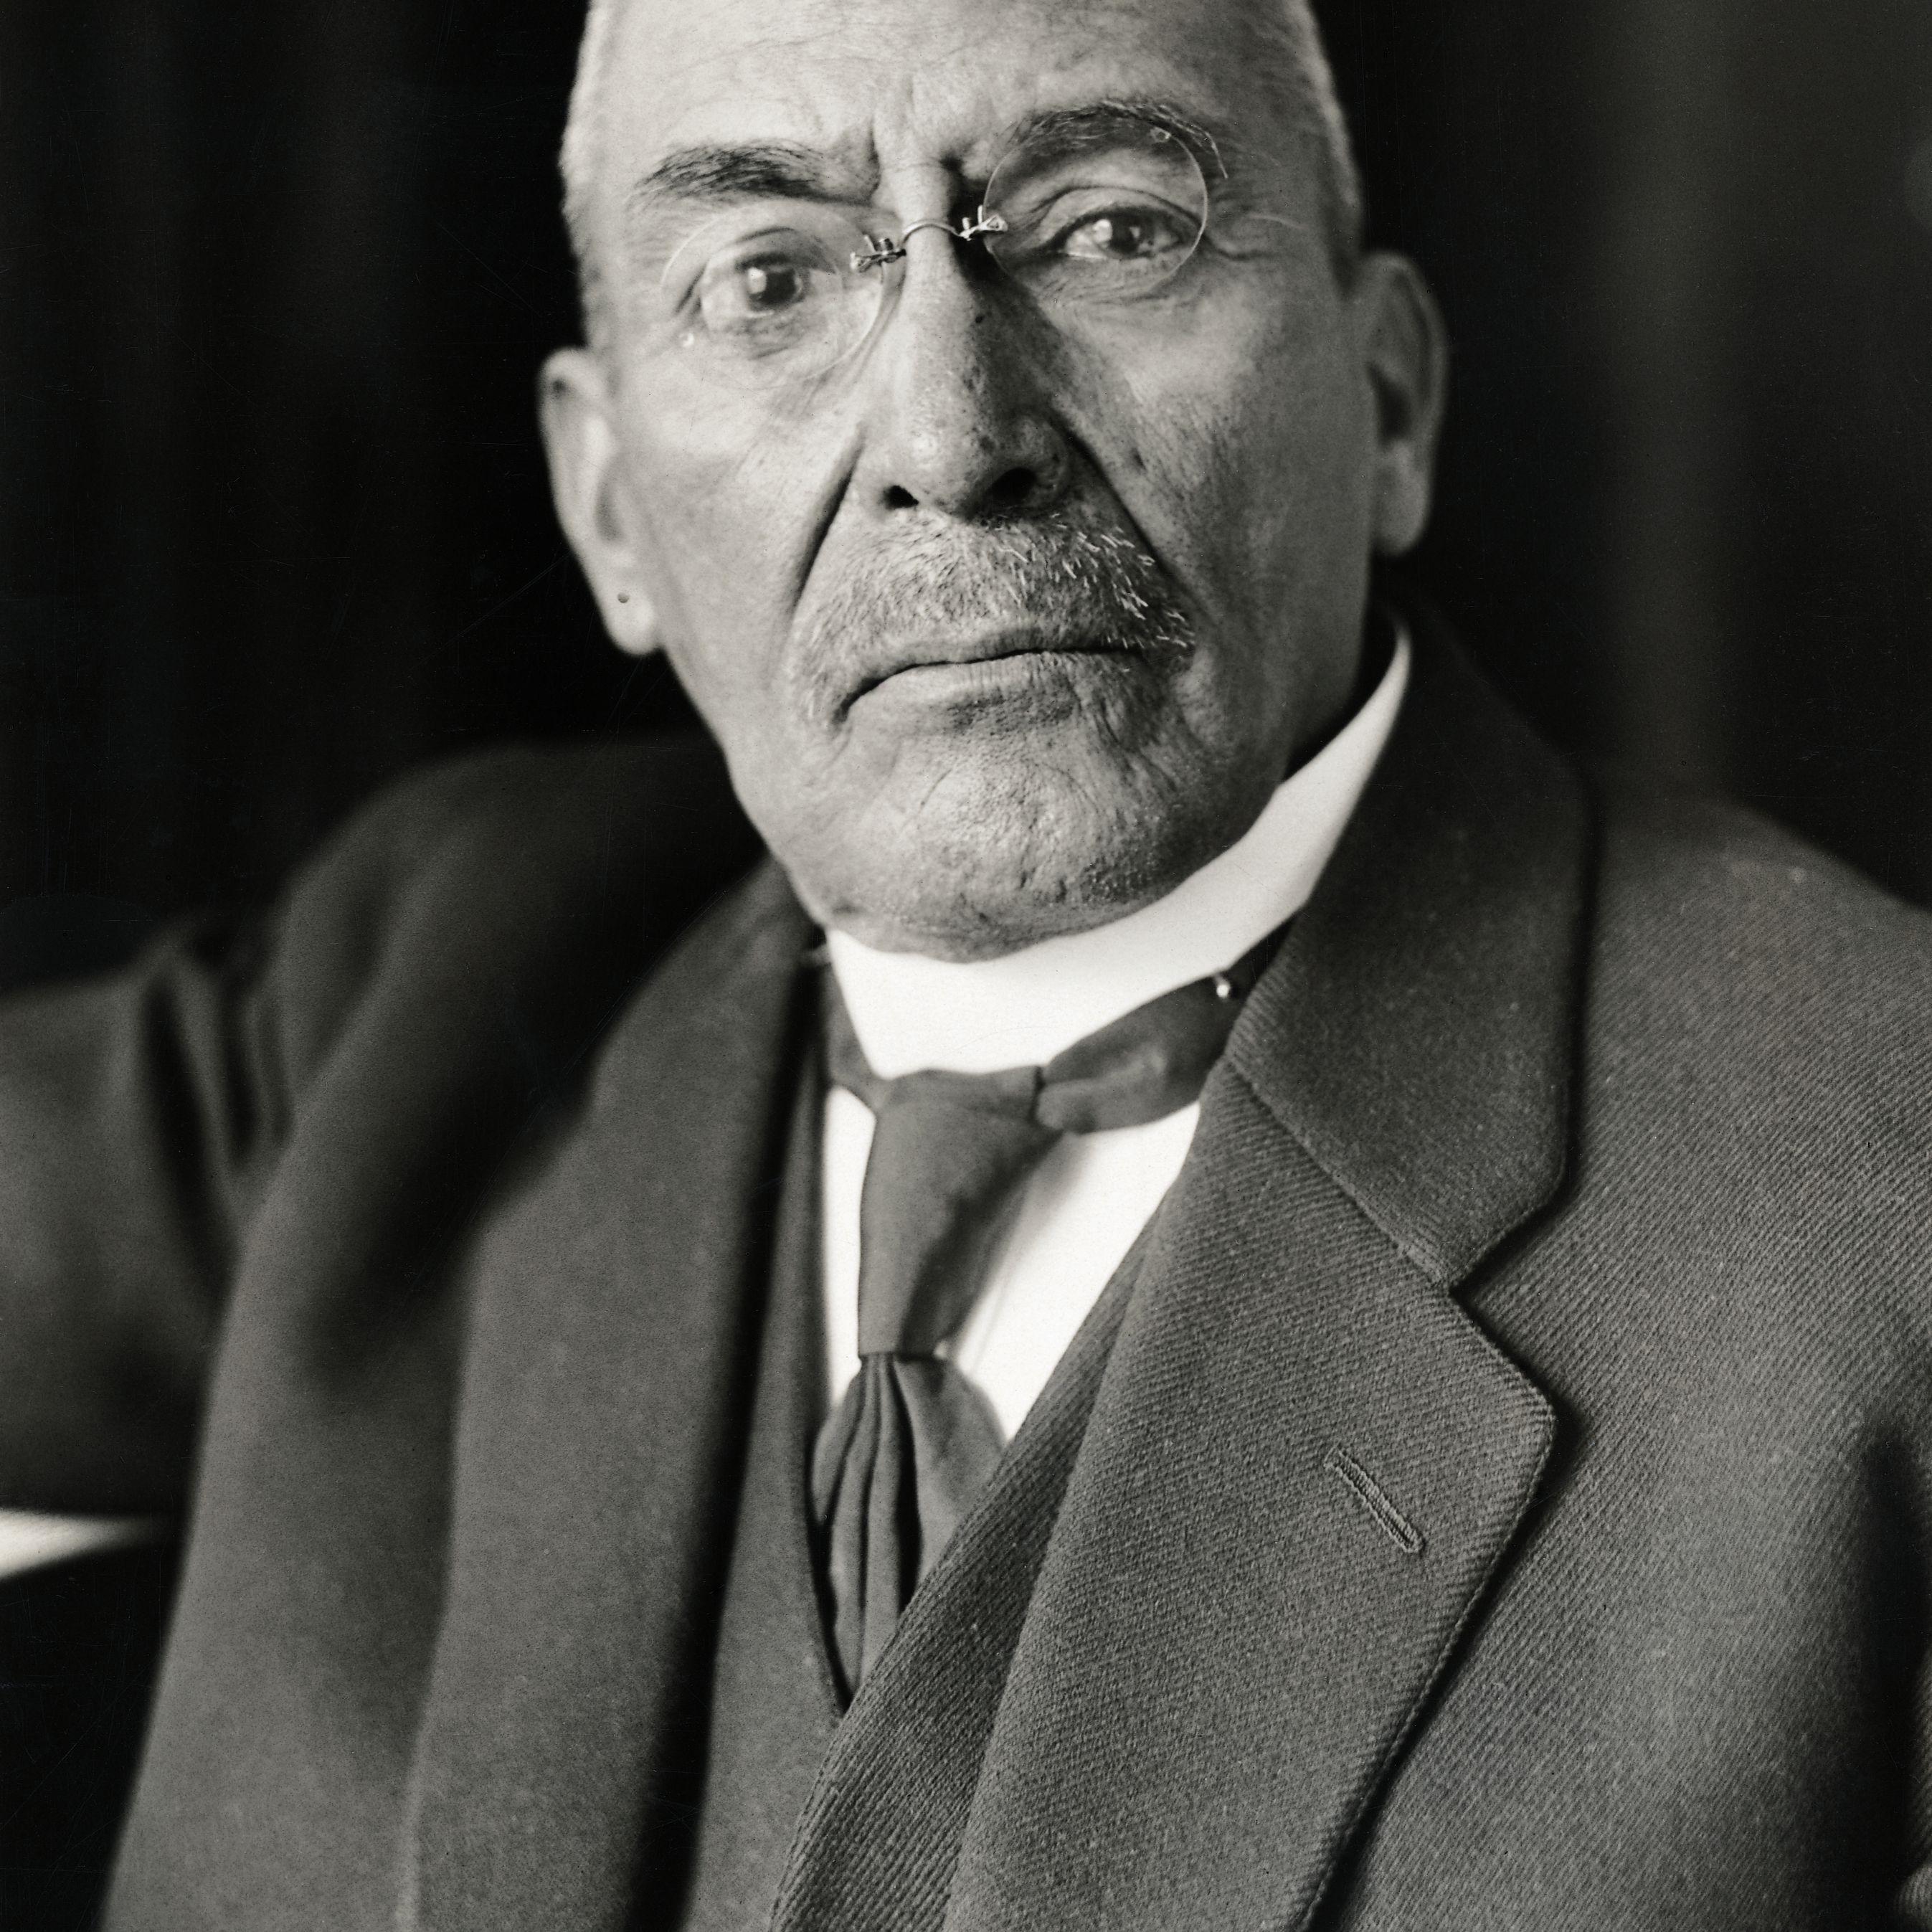 Ο Πρόεδρος του Μεξικού Victotiano Huerta